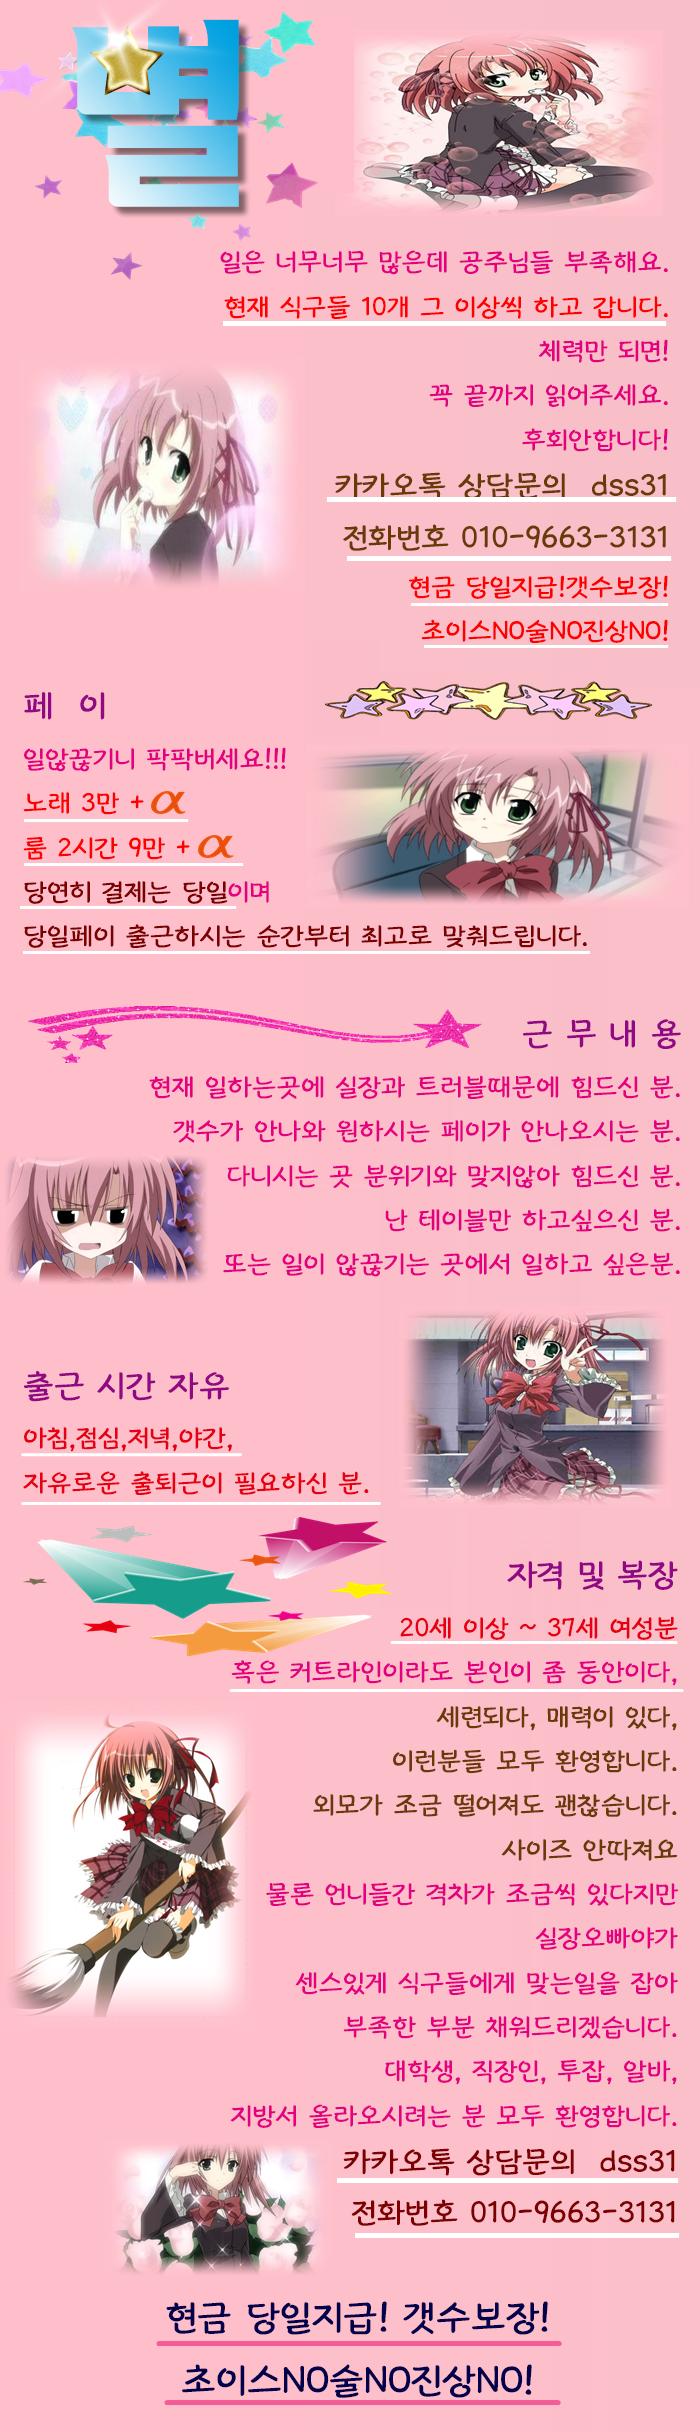 미미알바 송파 룸싸롱 별 설명.png